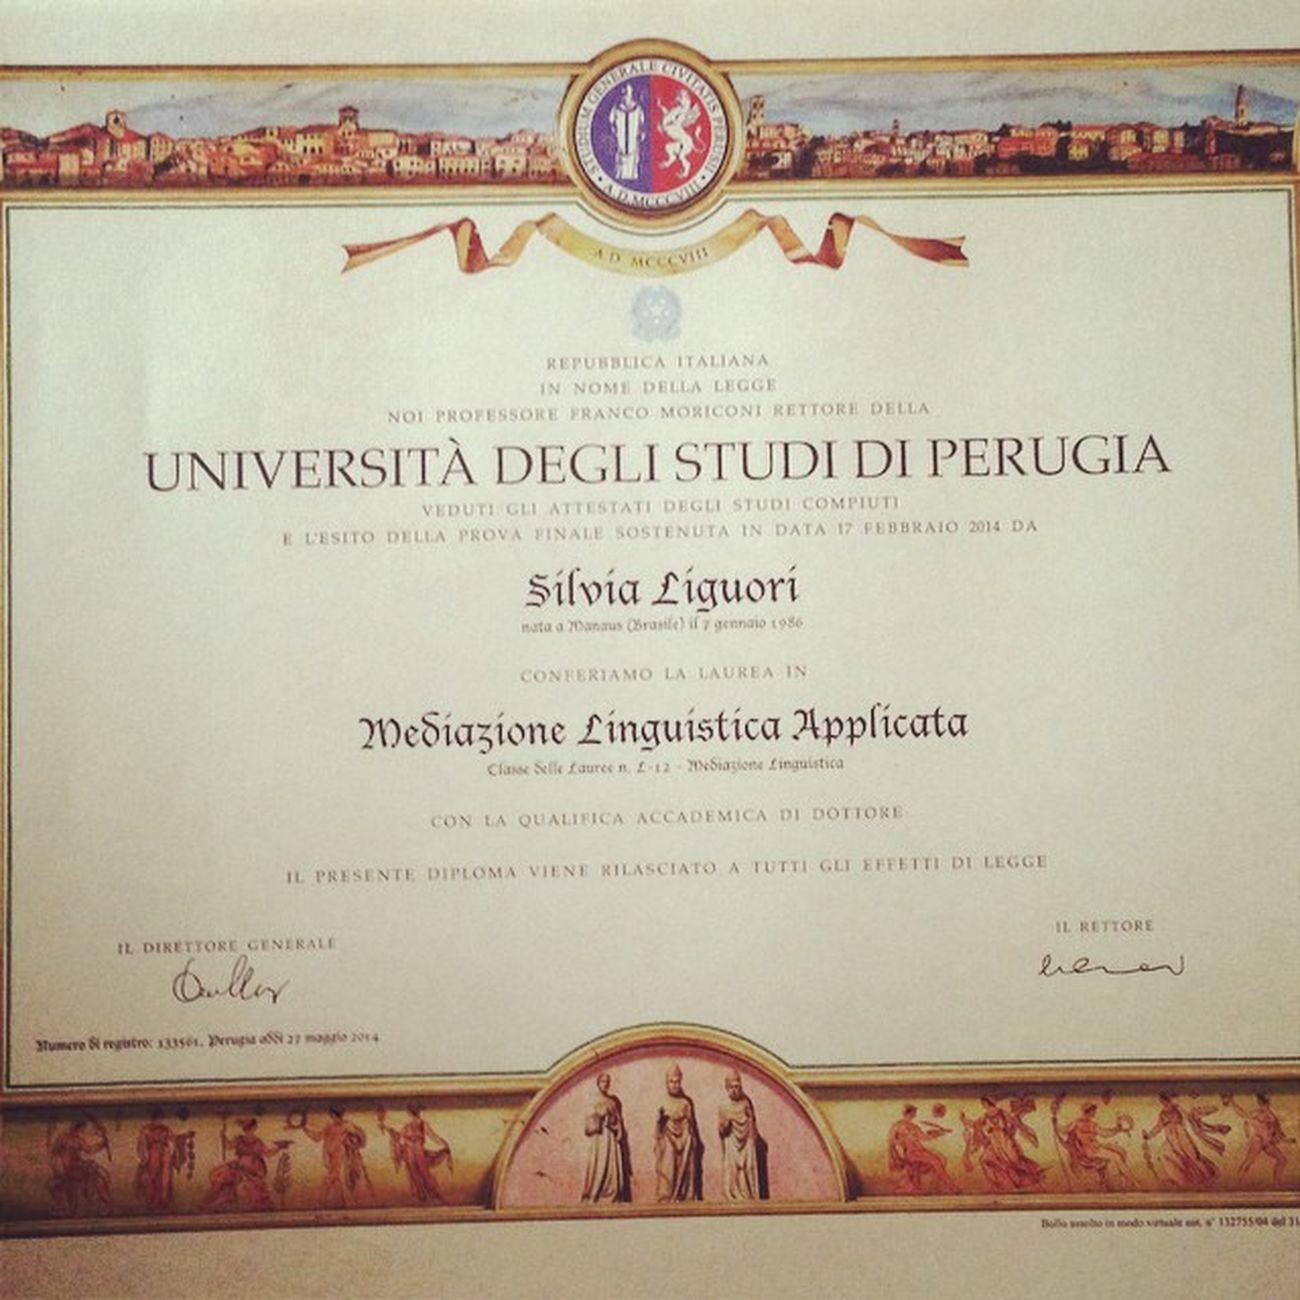 Pergamenadilaurea Pergamena Laurea Febbraio2014 soddisfazioni dottoressa me degree università graduation triennale unipg dopo 7 mesi è arrivato il sospirato pezzo di carta... 📜🔖